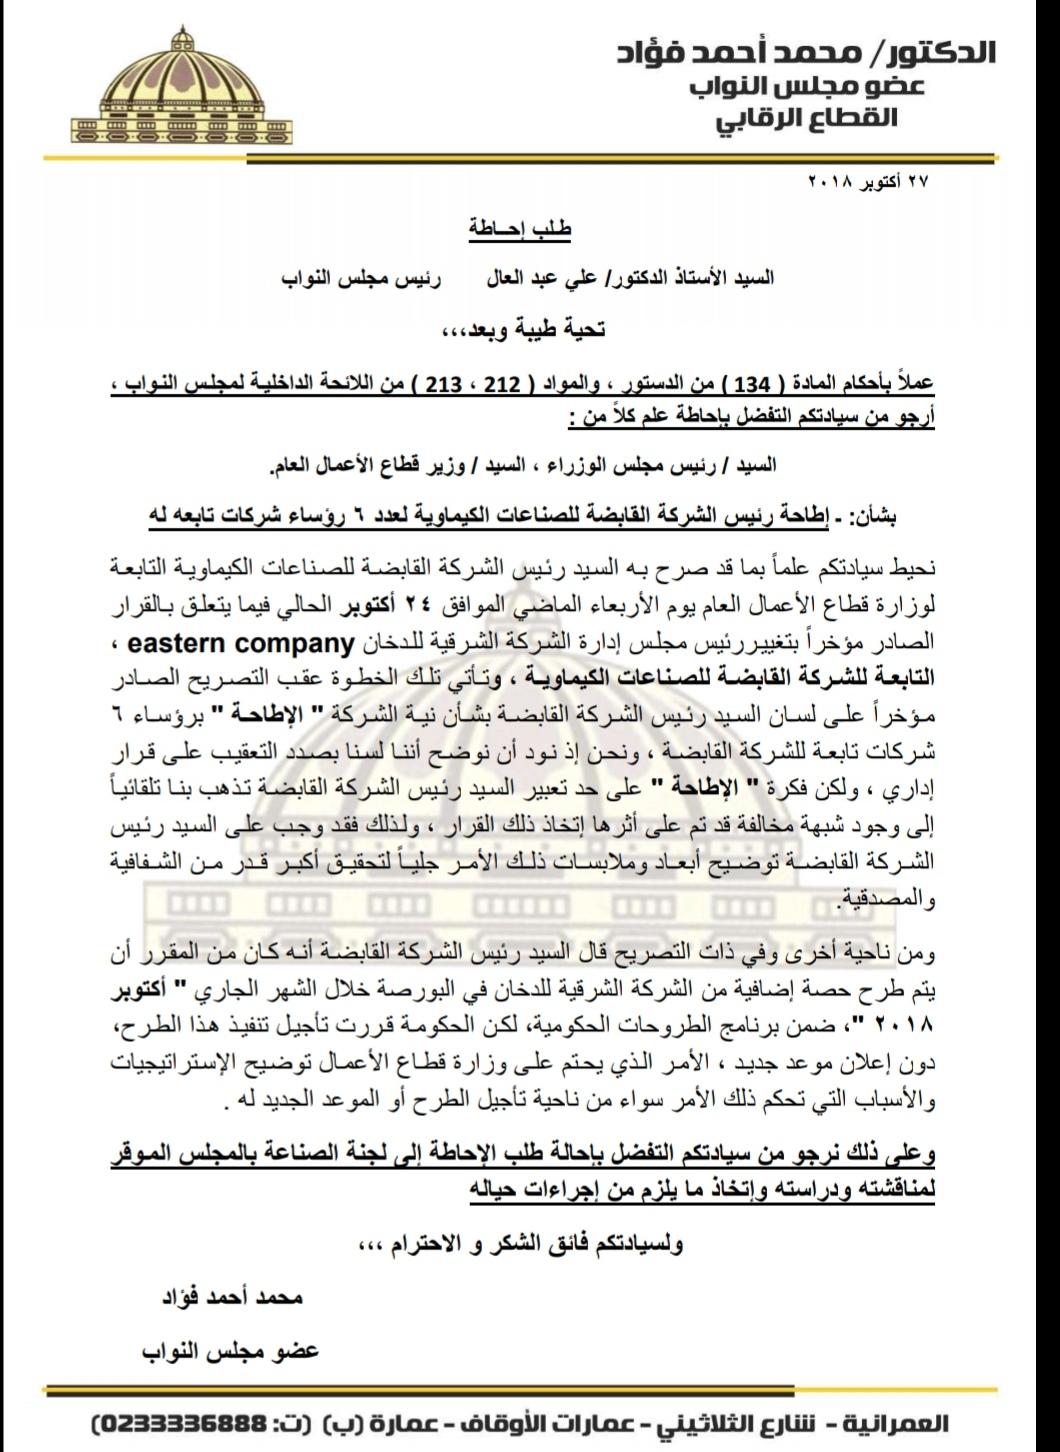 النائب محمد فؤاد .يقدم طلب احاطة لمعرفة سبب الاطاحة برئيس الشرقية للدخان